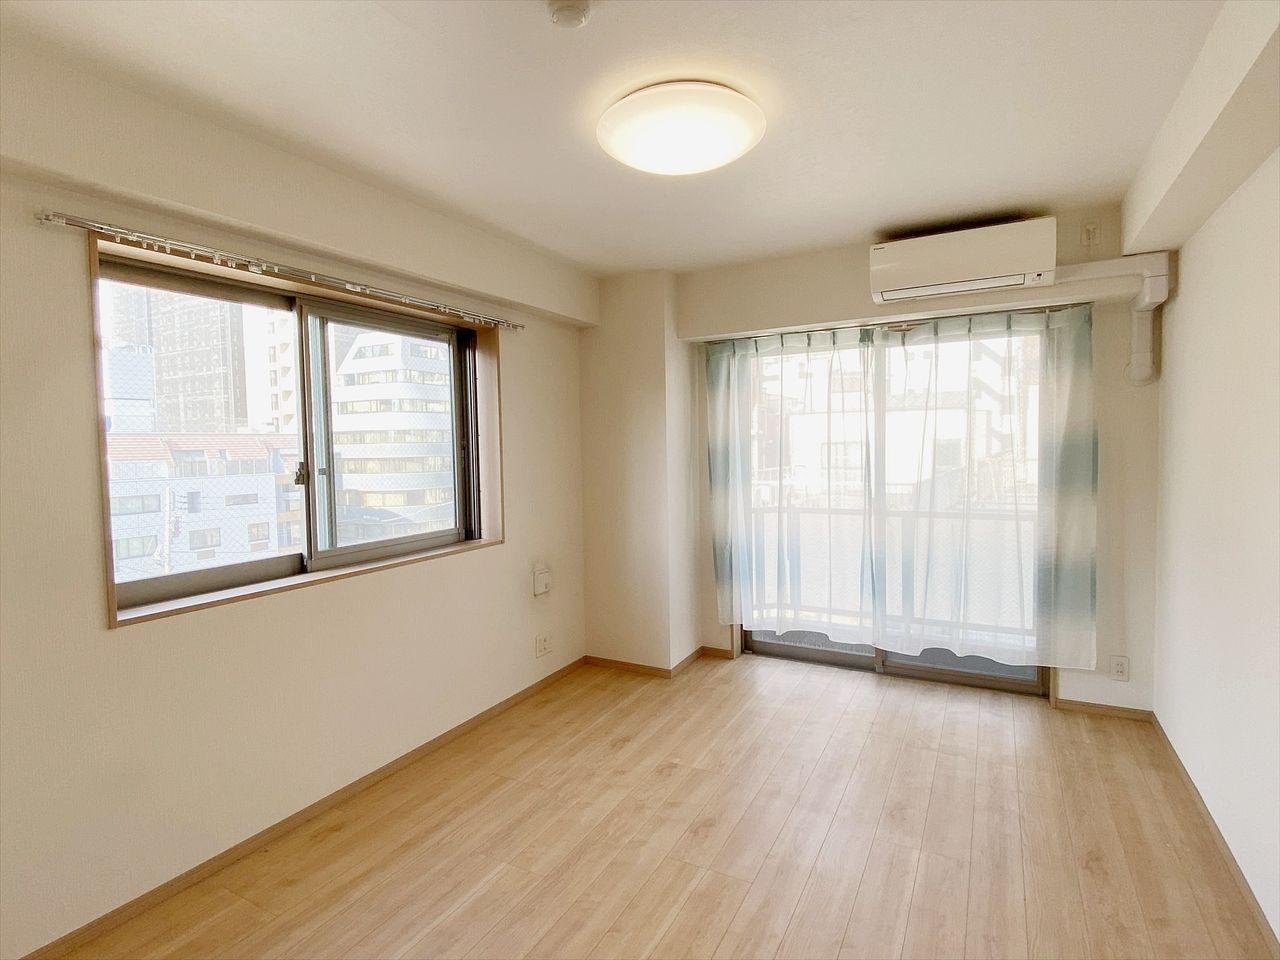 池袋の築浅賃貸マンション ラ・パーチェ池袋 築浅のキレイなお部屋です